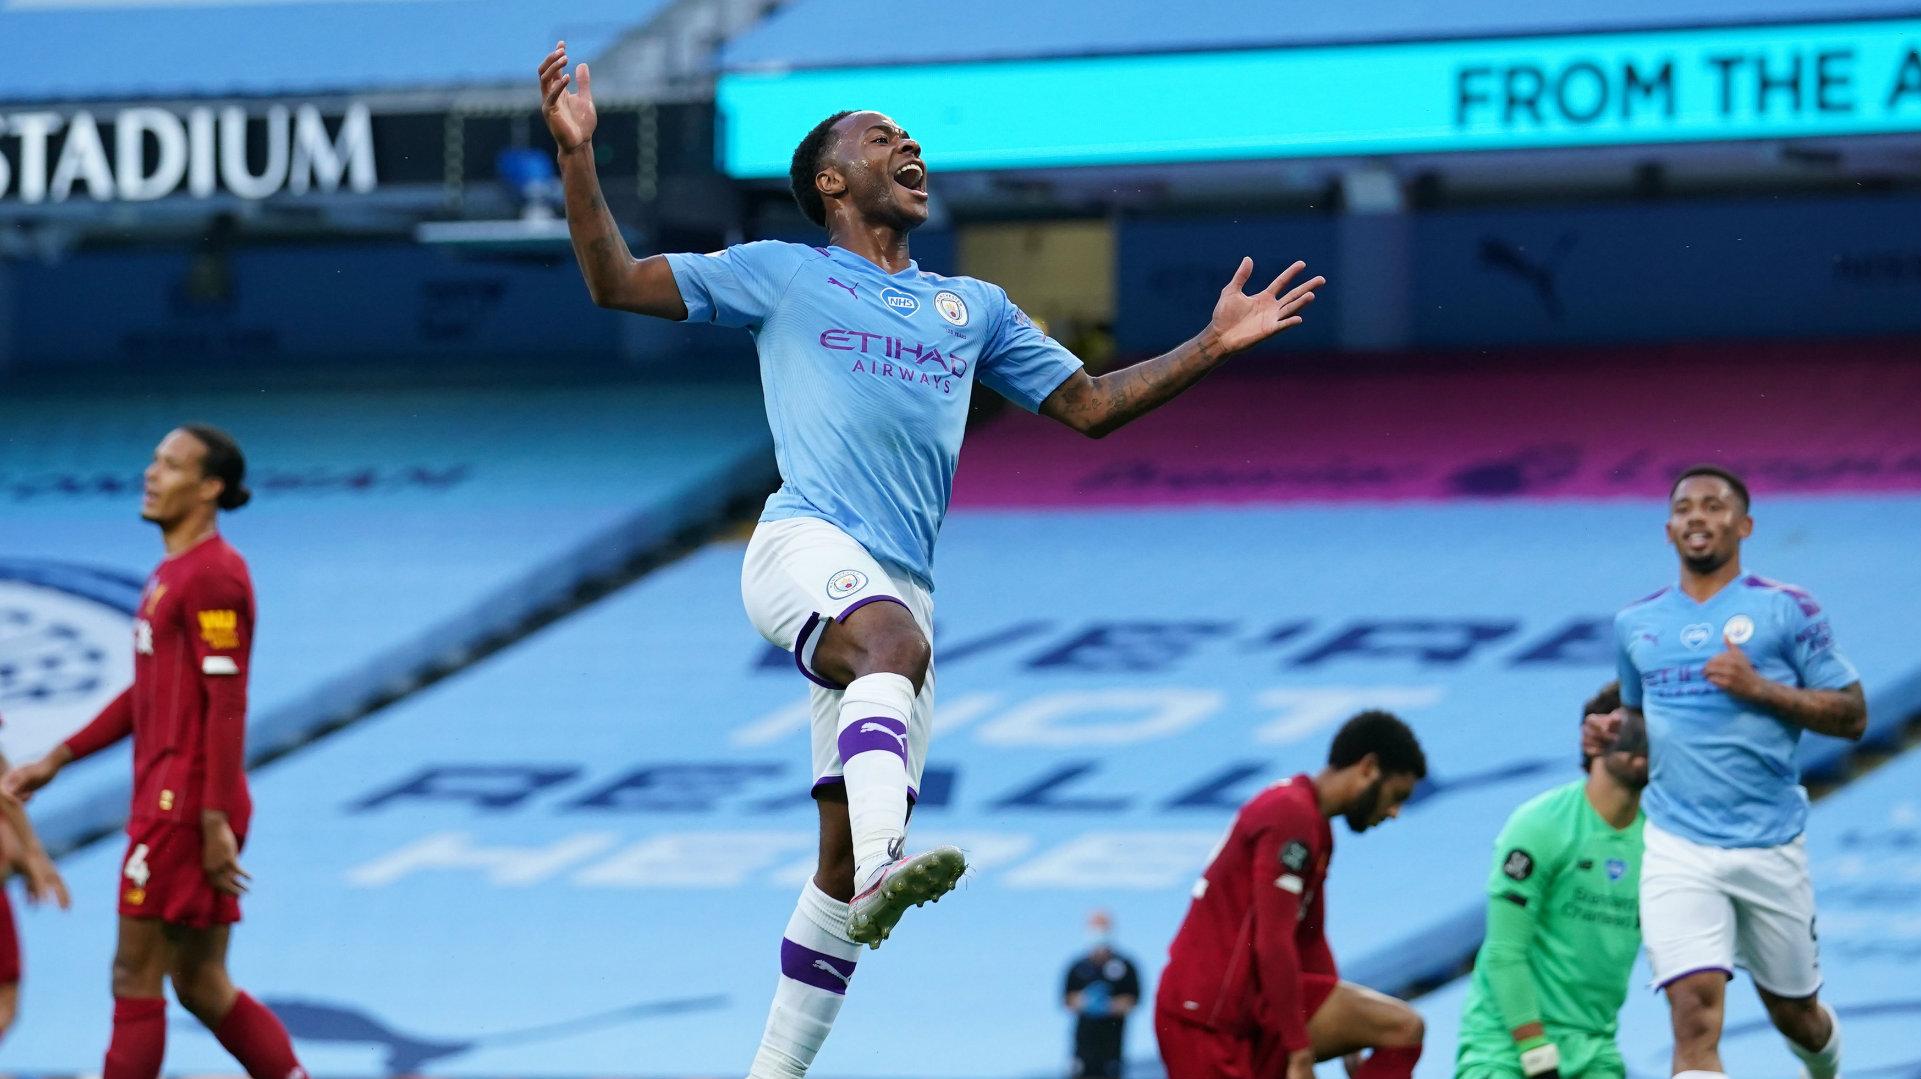 Manchester City - Liverpool 4-0, City balaie un Liverpool déjà champion